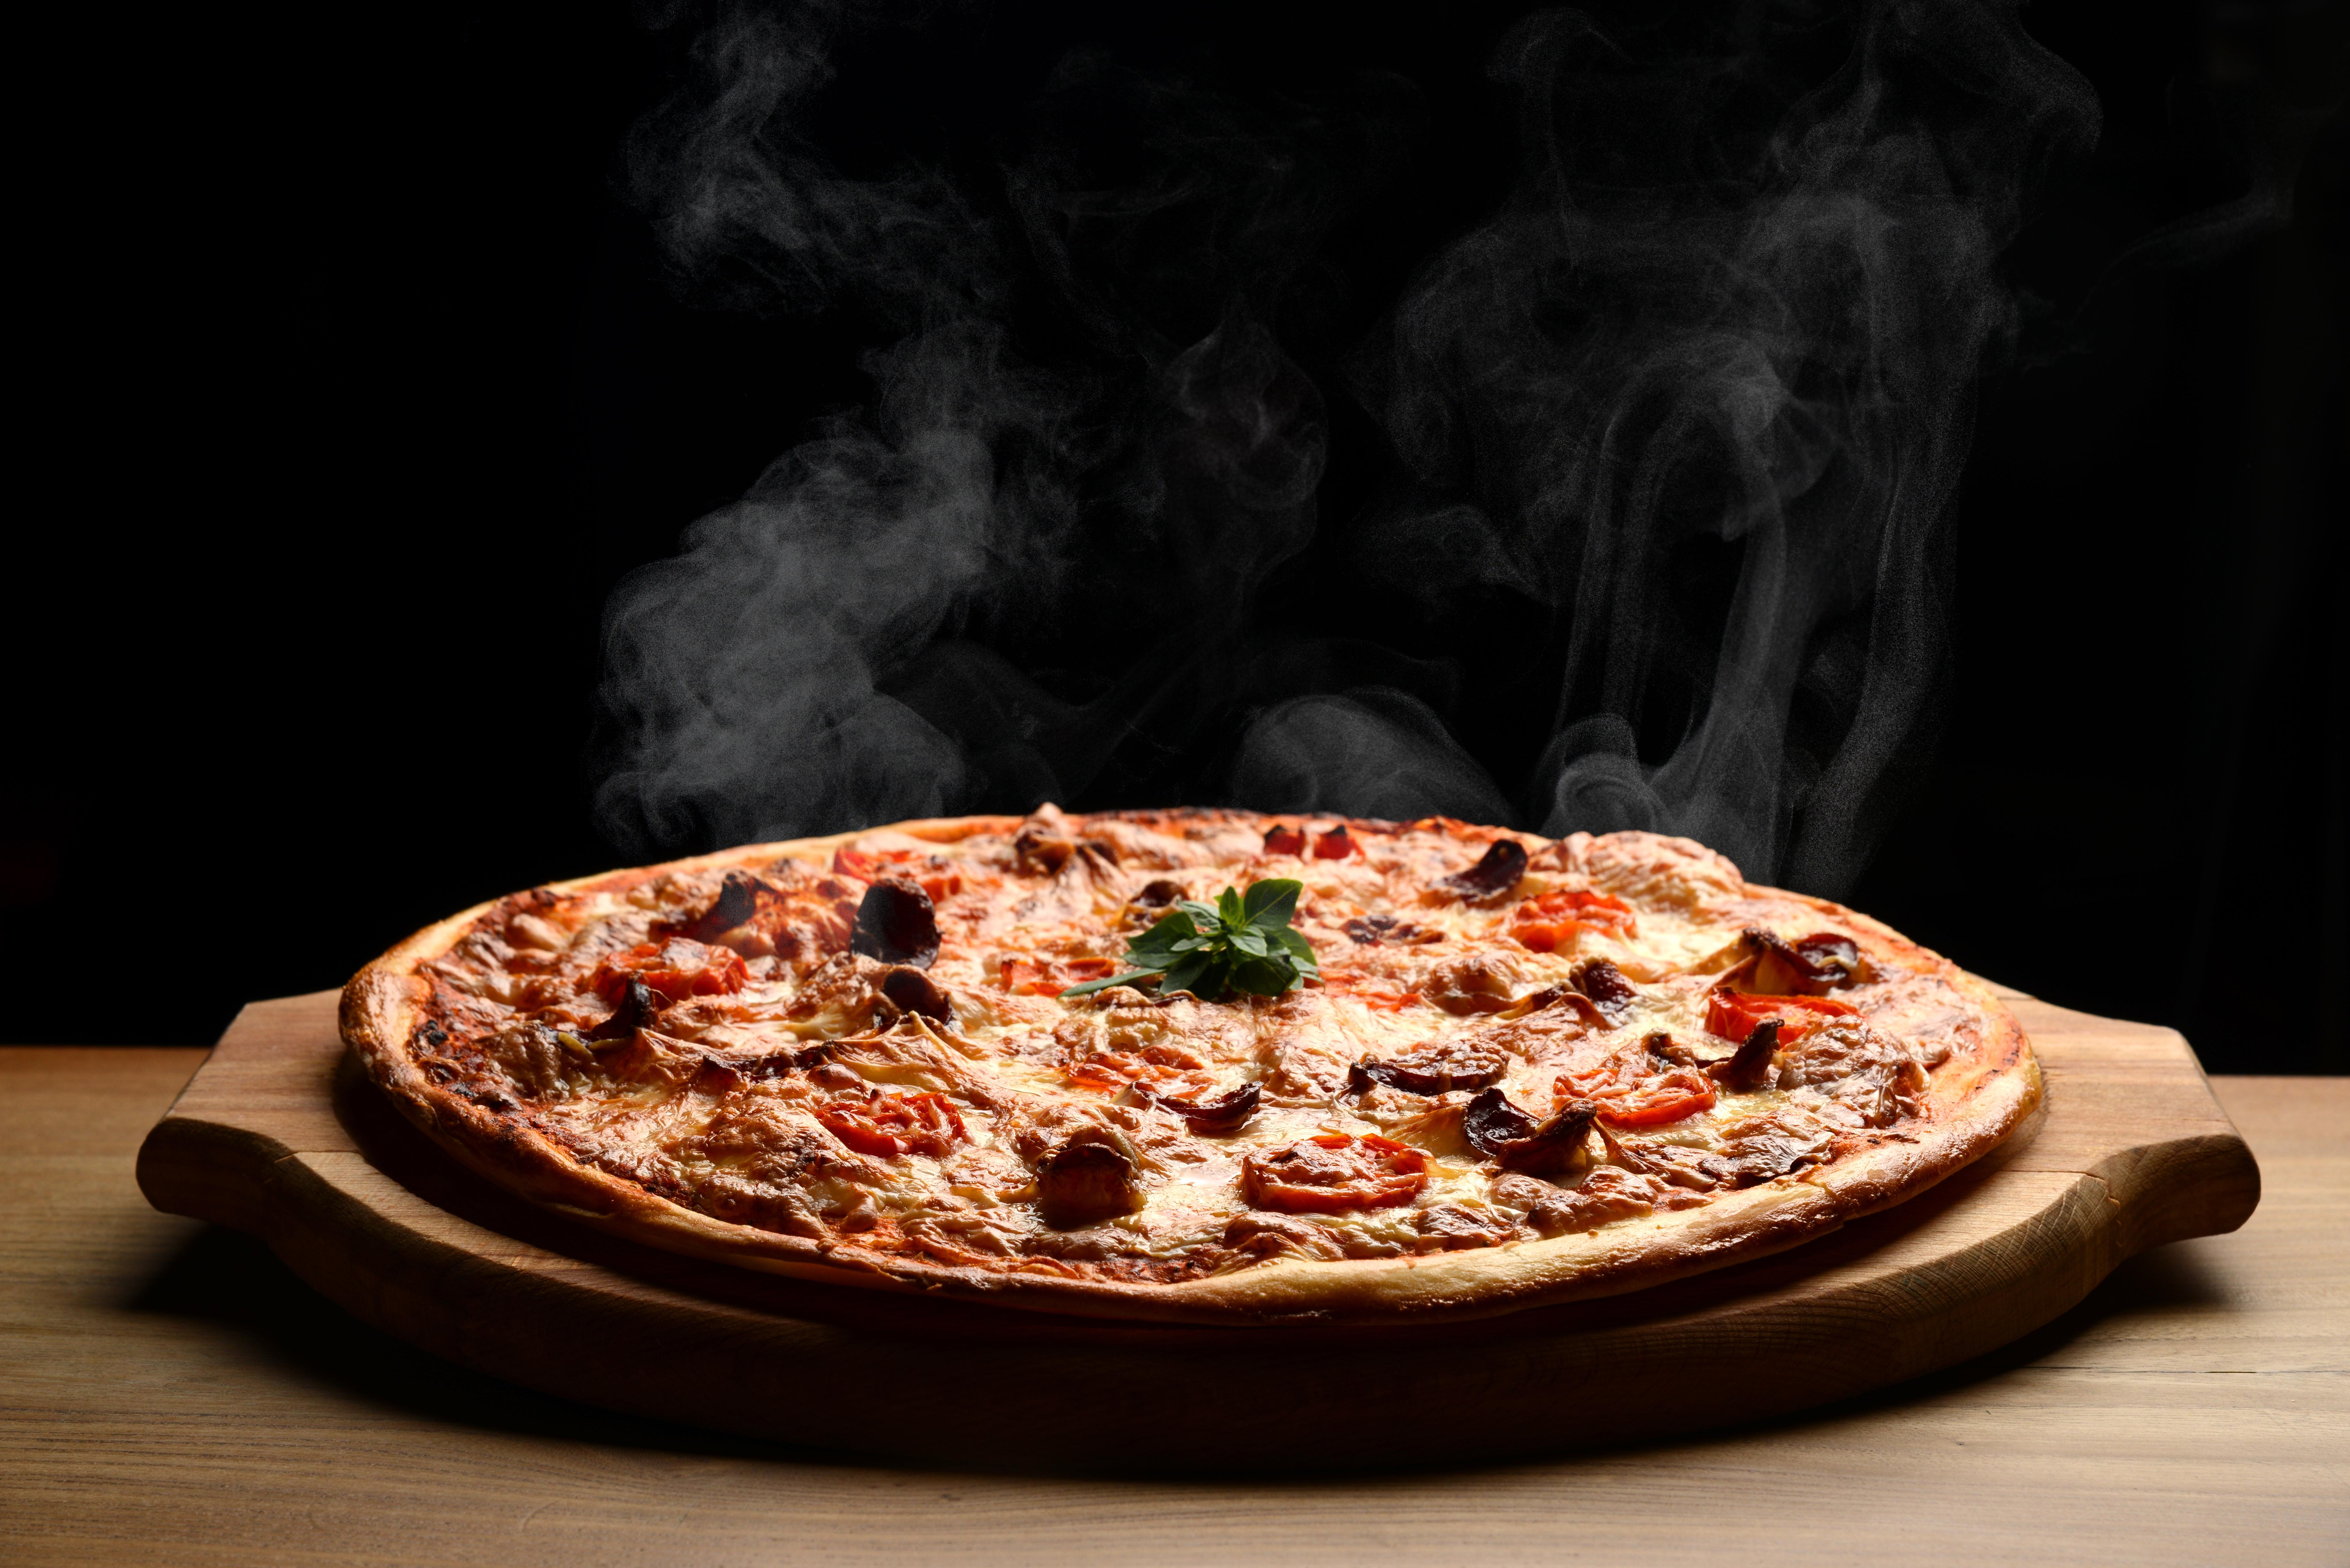 Már létezik vegán pizza is mű csirkehússal